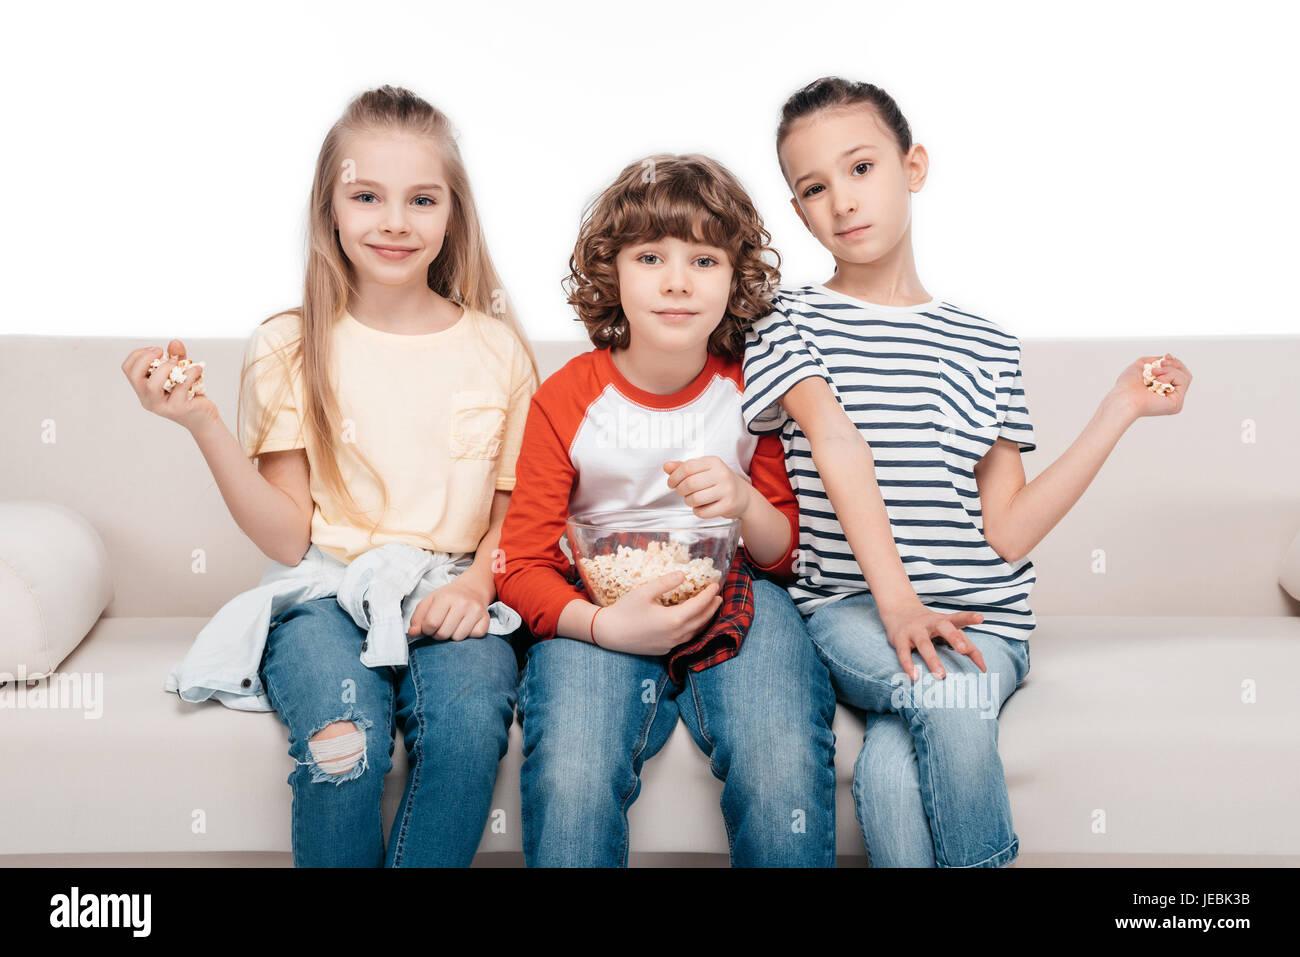 Allegro amici seduti sul divano con pop-corn Immagini Stock